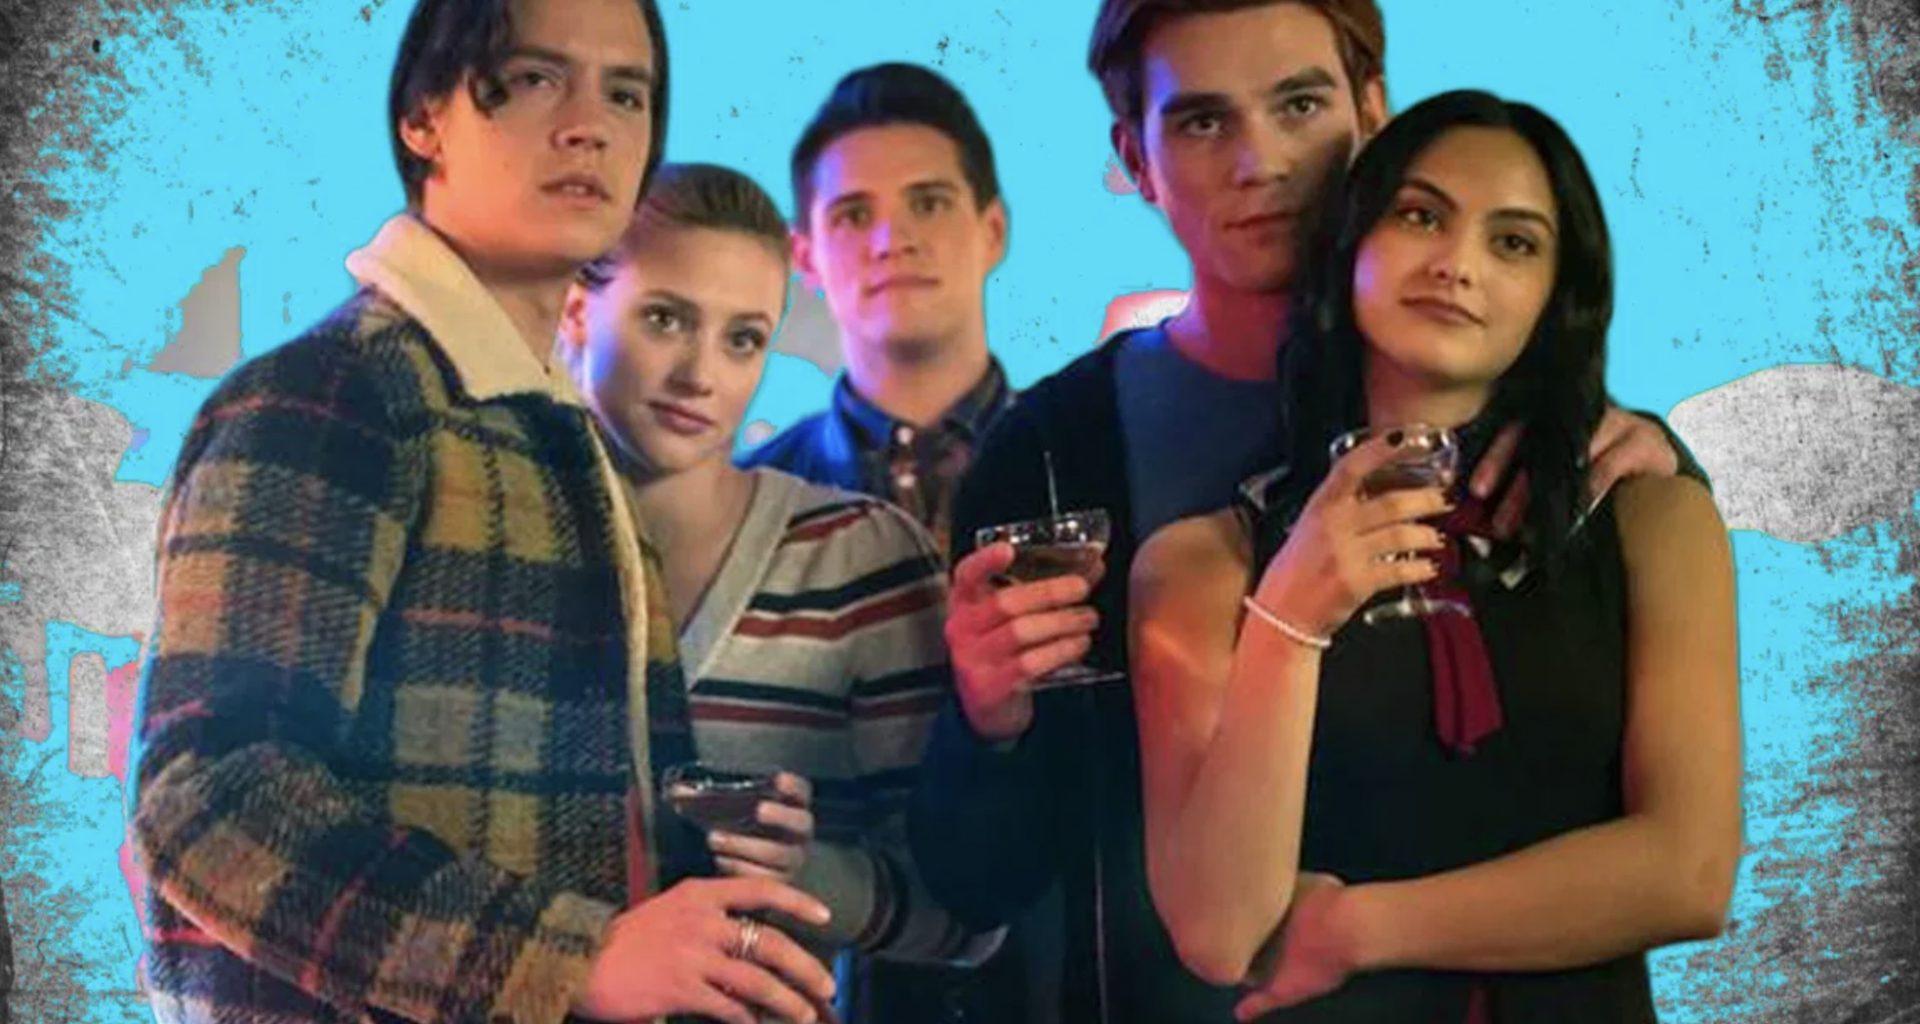 Riverdale Season 5 Episode 19 Release Date